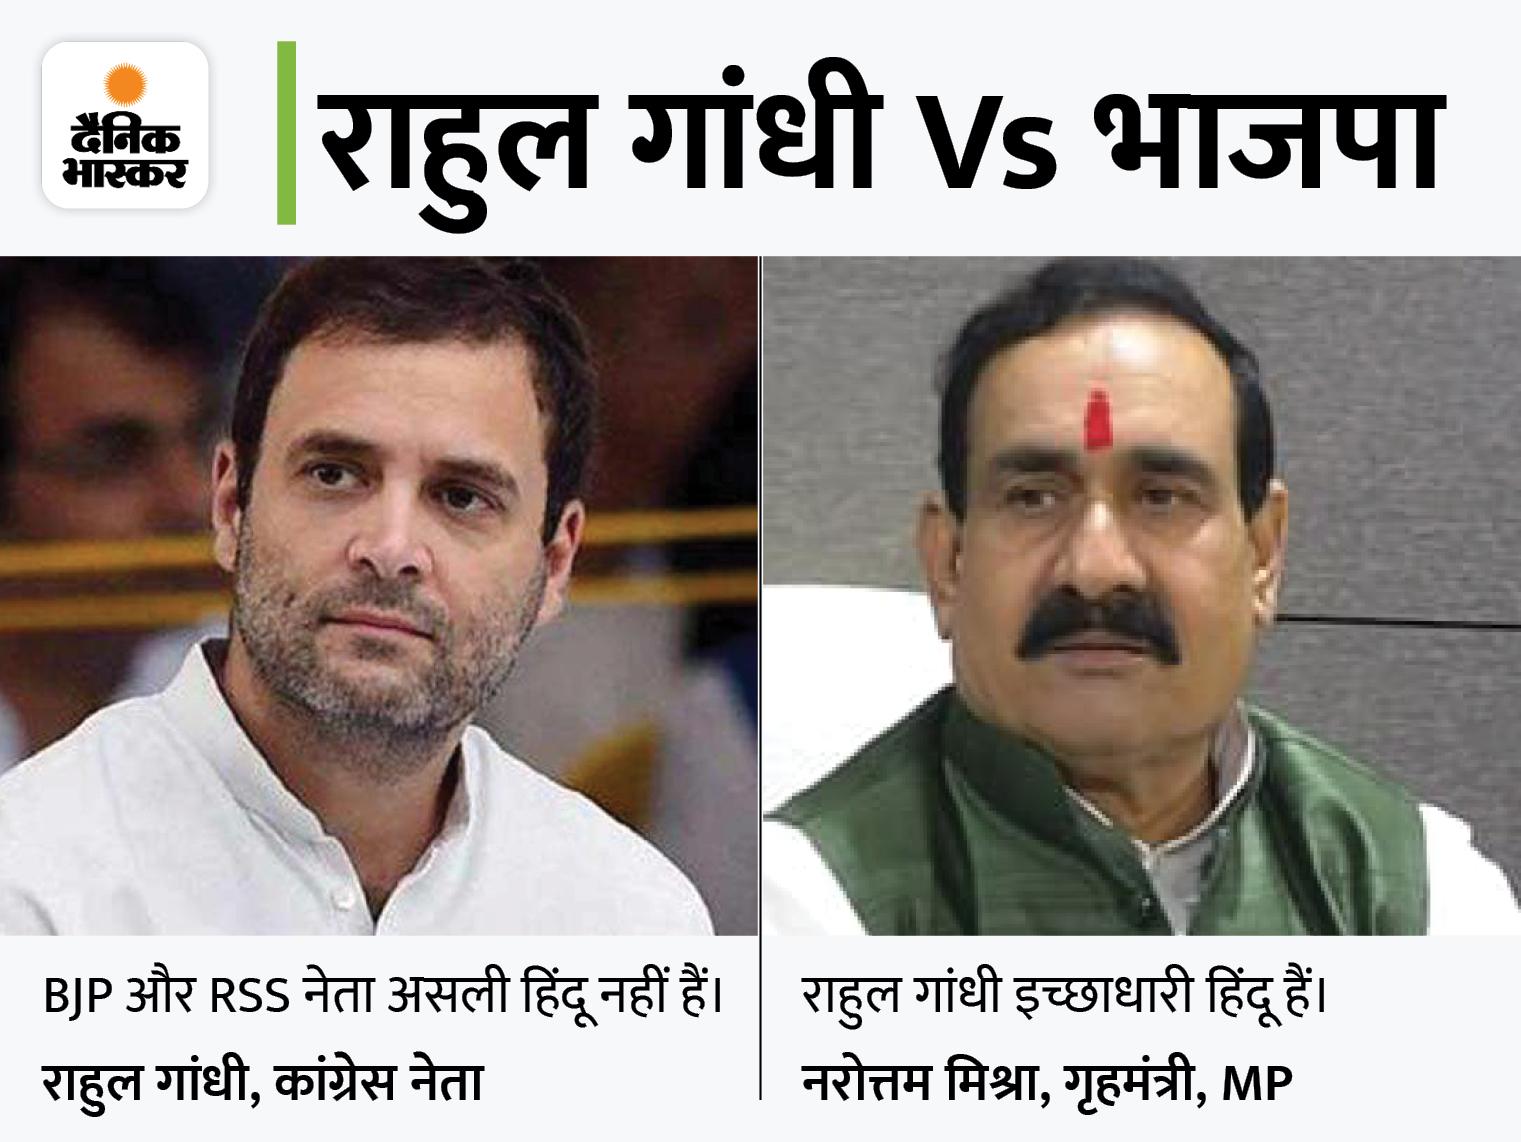 गृहमंत्री नरोत्तम मिश्रा बोले- राहुल गांधी सुविधानुसार टोपी पहनते और टीका लगाते हैं, वे धार्मिक पर्यटन पर जाने के बाद इस तरह की बात करते हैं भोपाल,Bhopal - Dainik Bhaskar